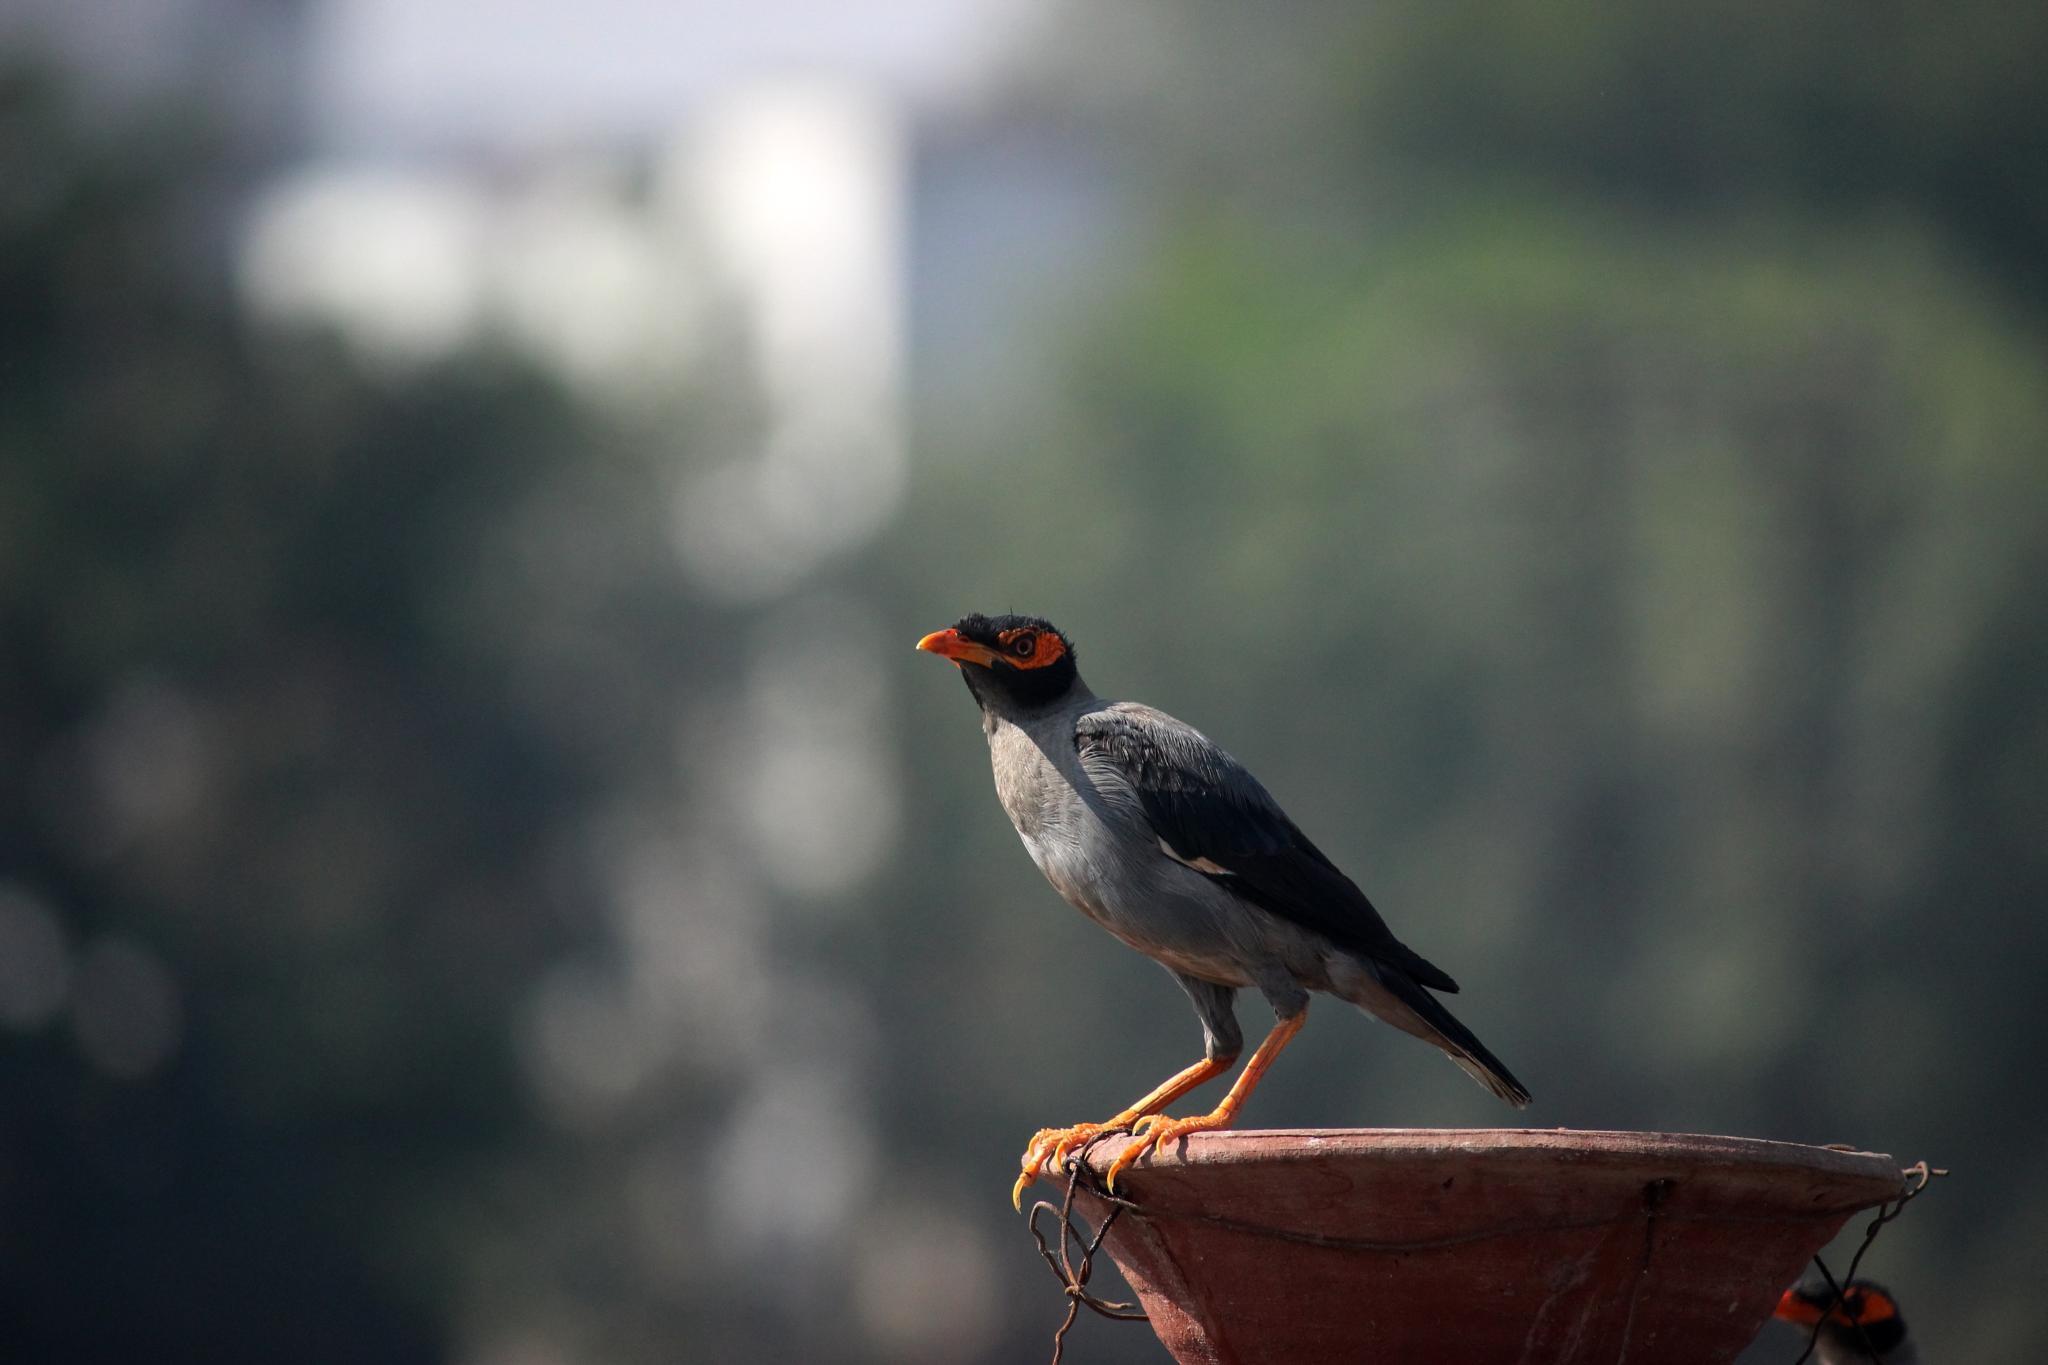 Starling by Nirav Mehta